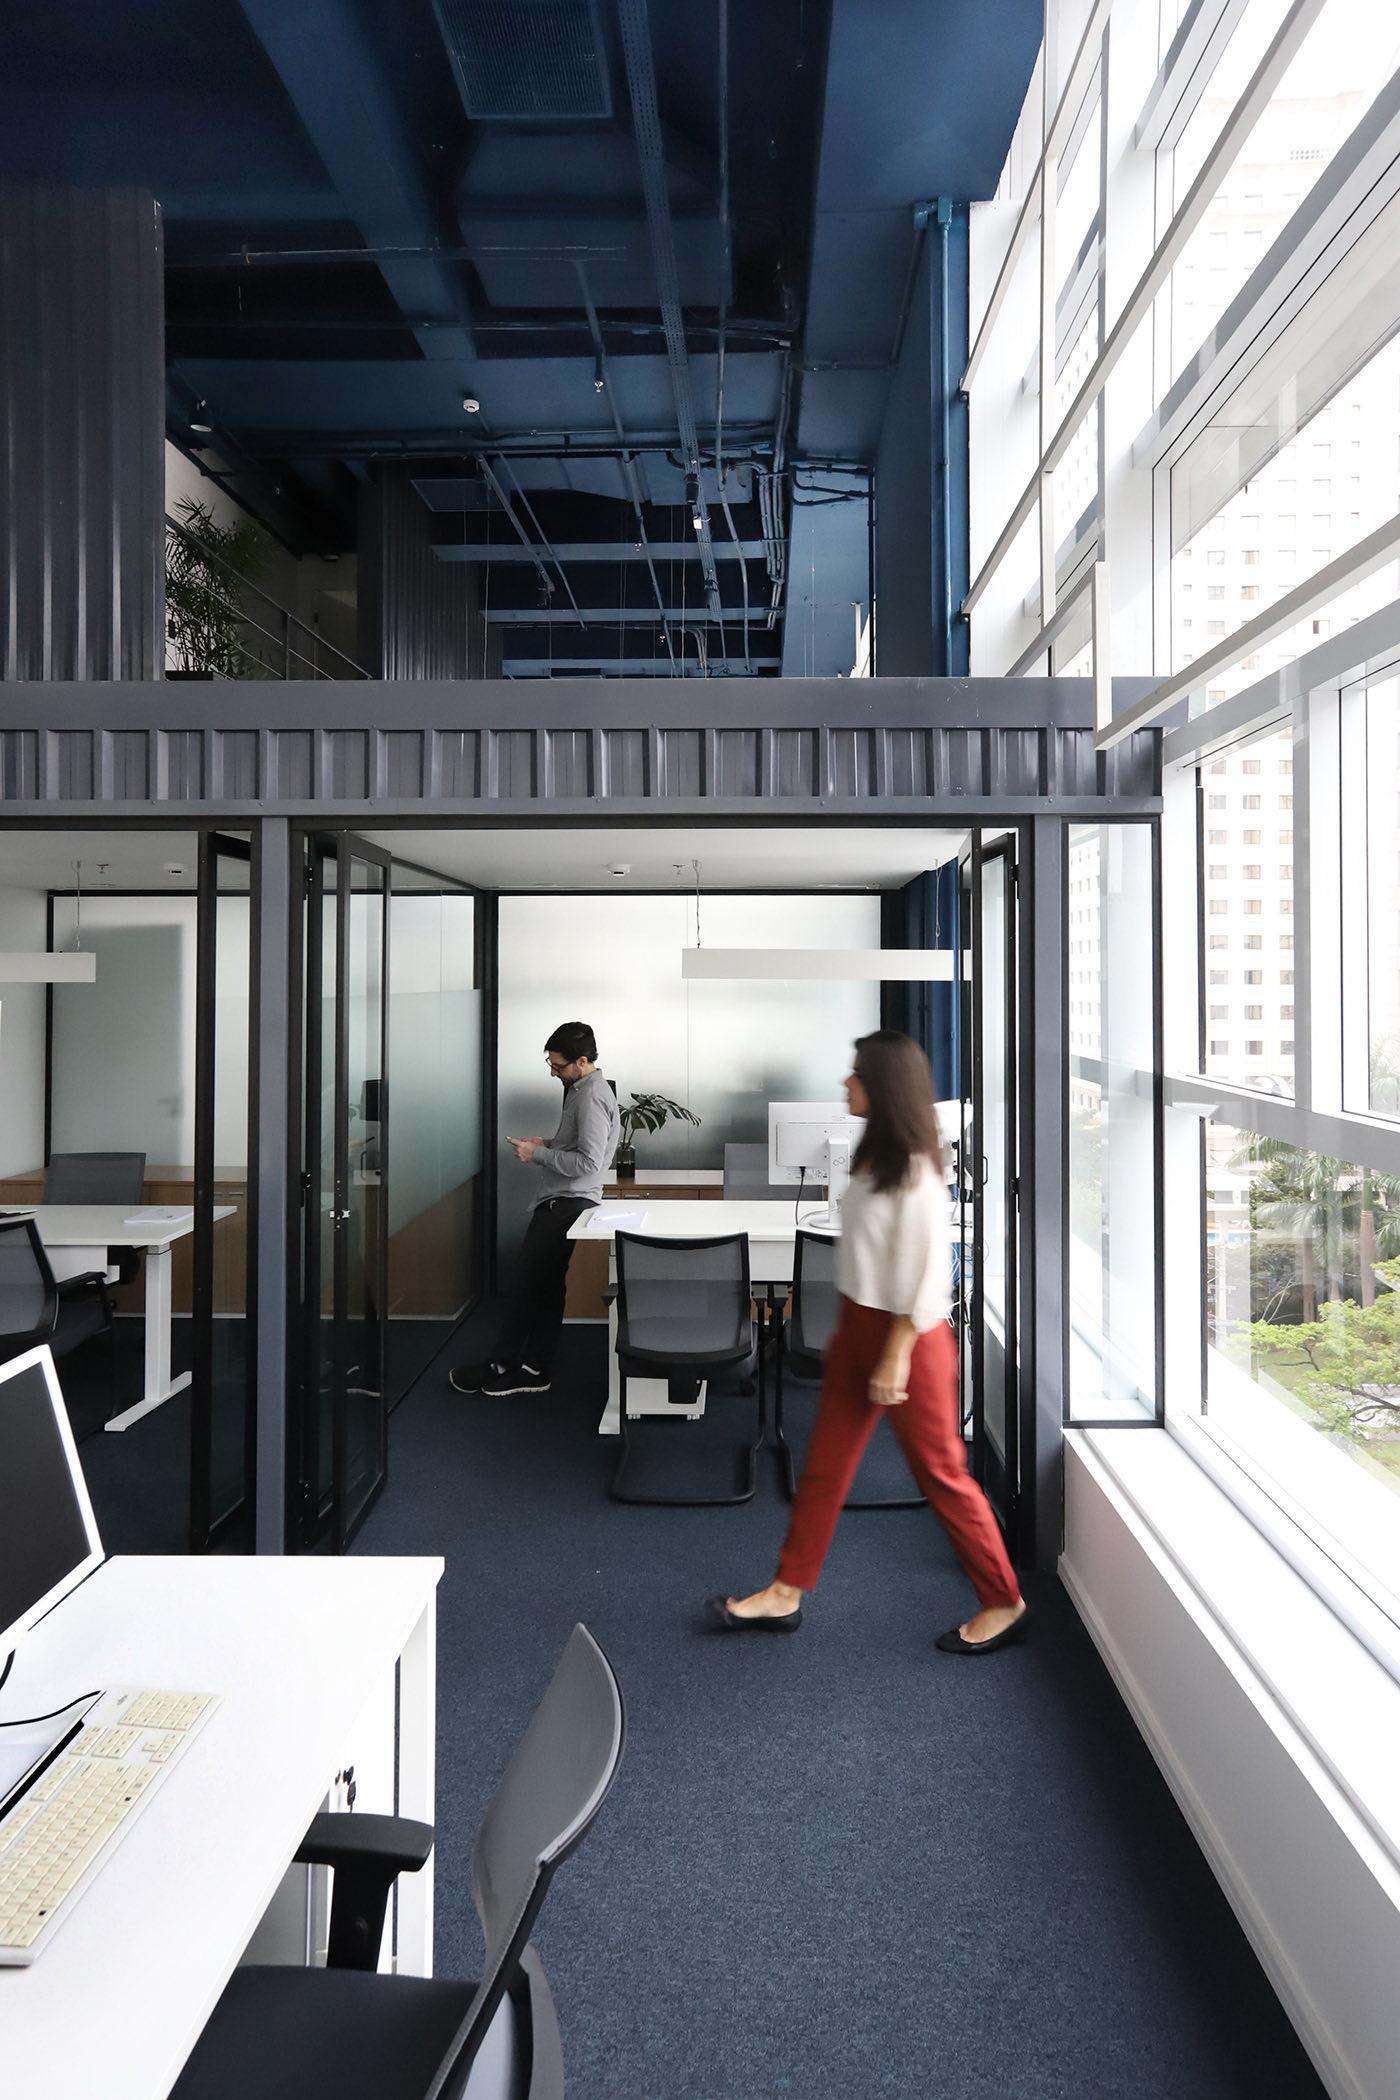 A Tour Of Lufthansa's New São Paulo Office